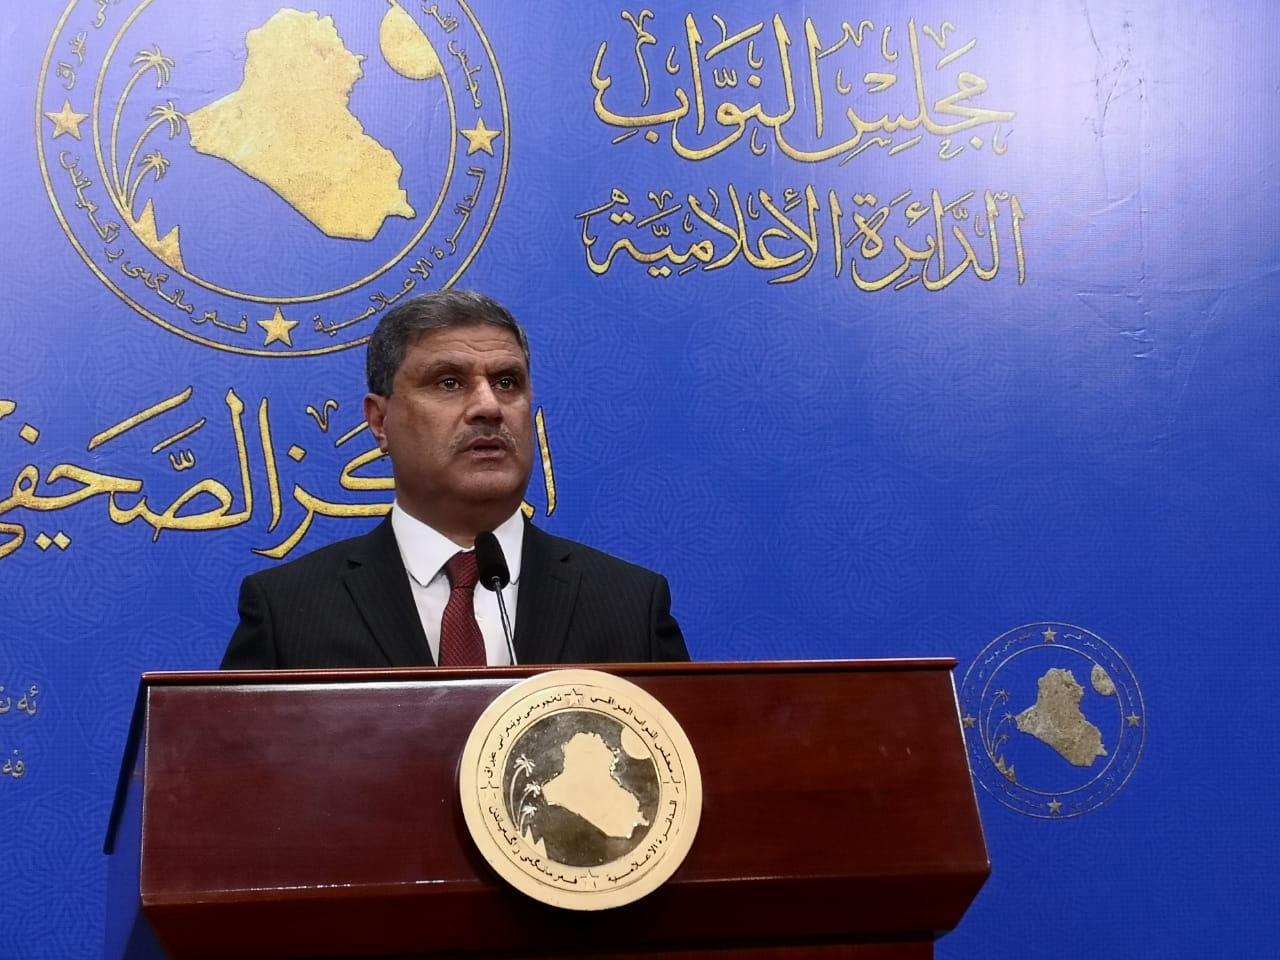 حملة في البرلمان العراقي لتعديل قانون التقاعد: فيه ظلم لشريحة كبيرة